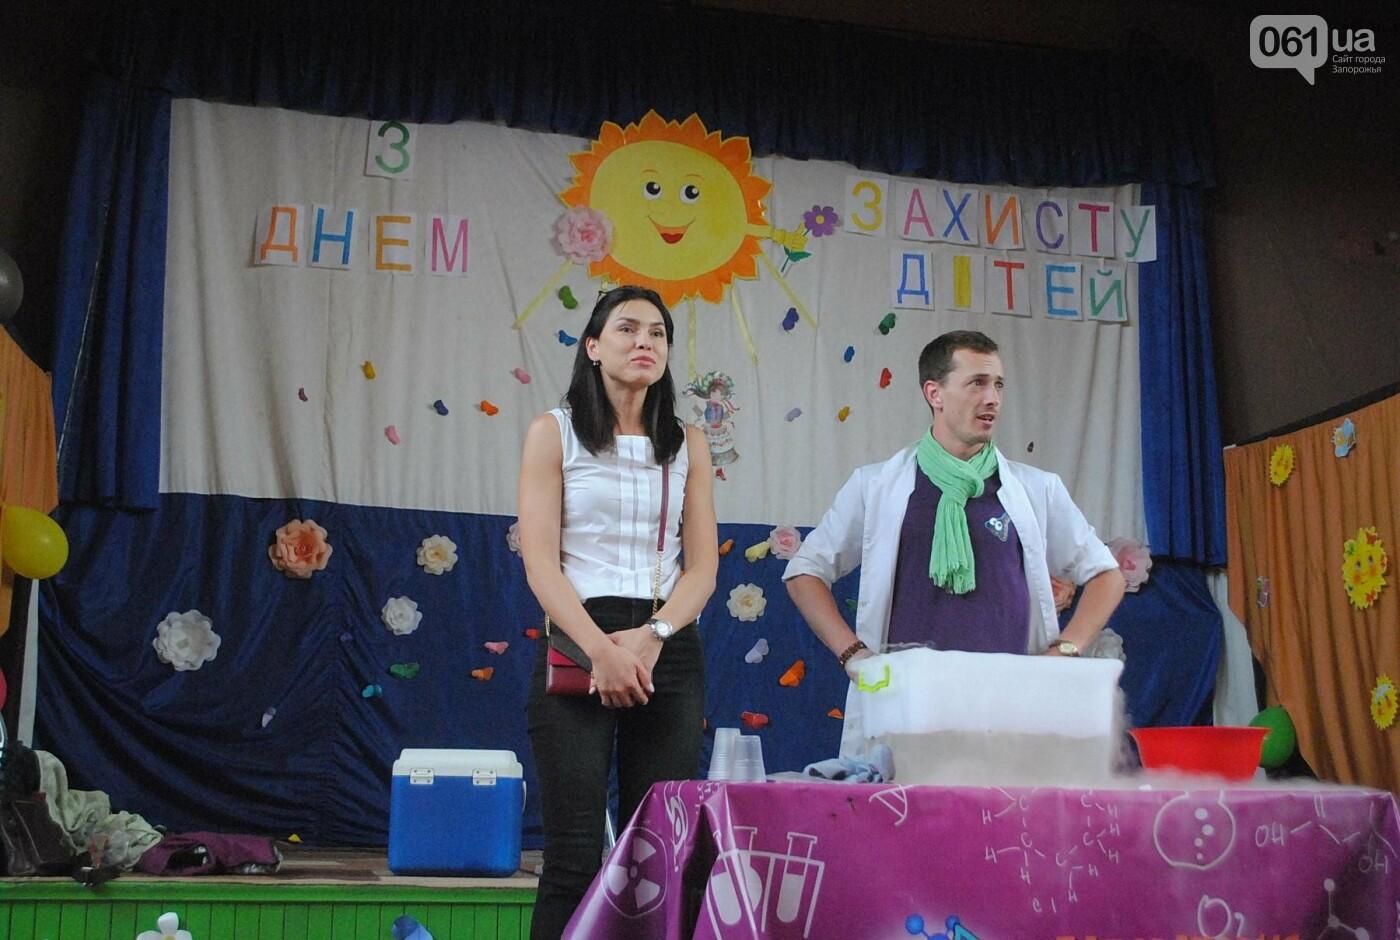 Фонд Александра Петровского поздравил воспитанников интерната, фото-2